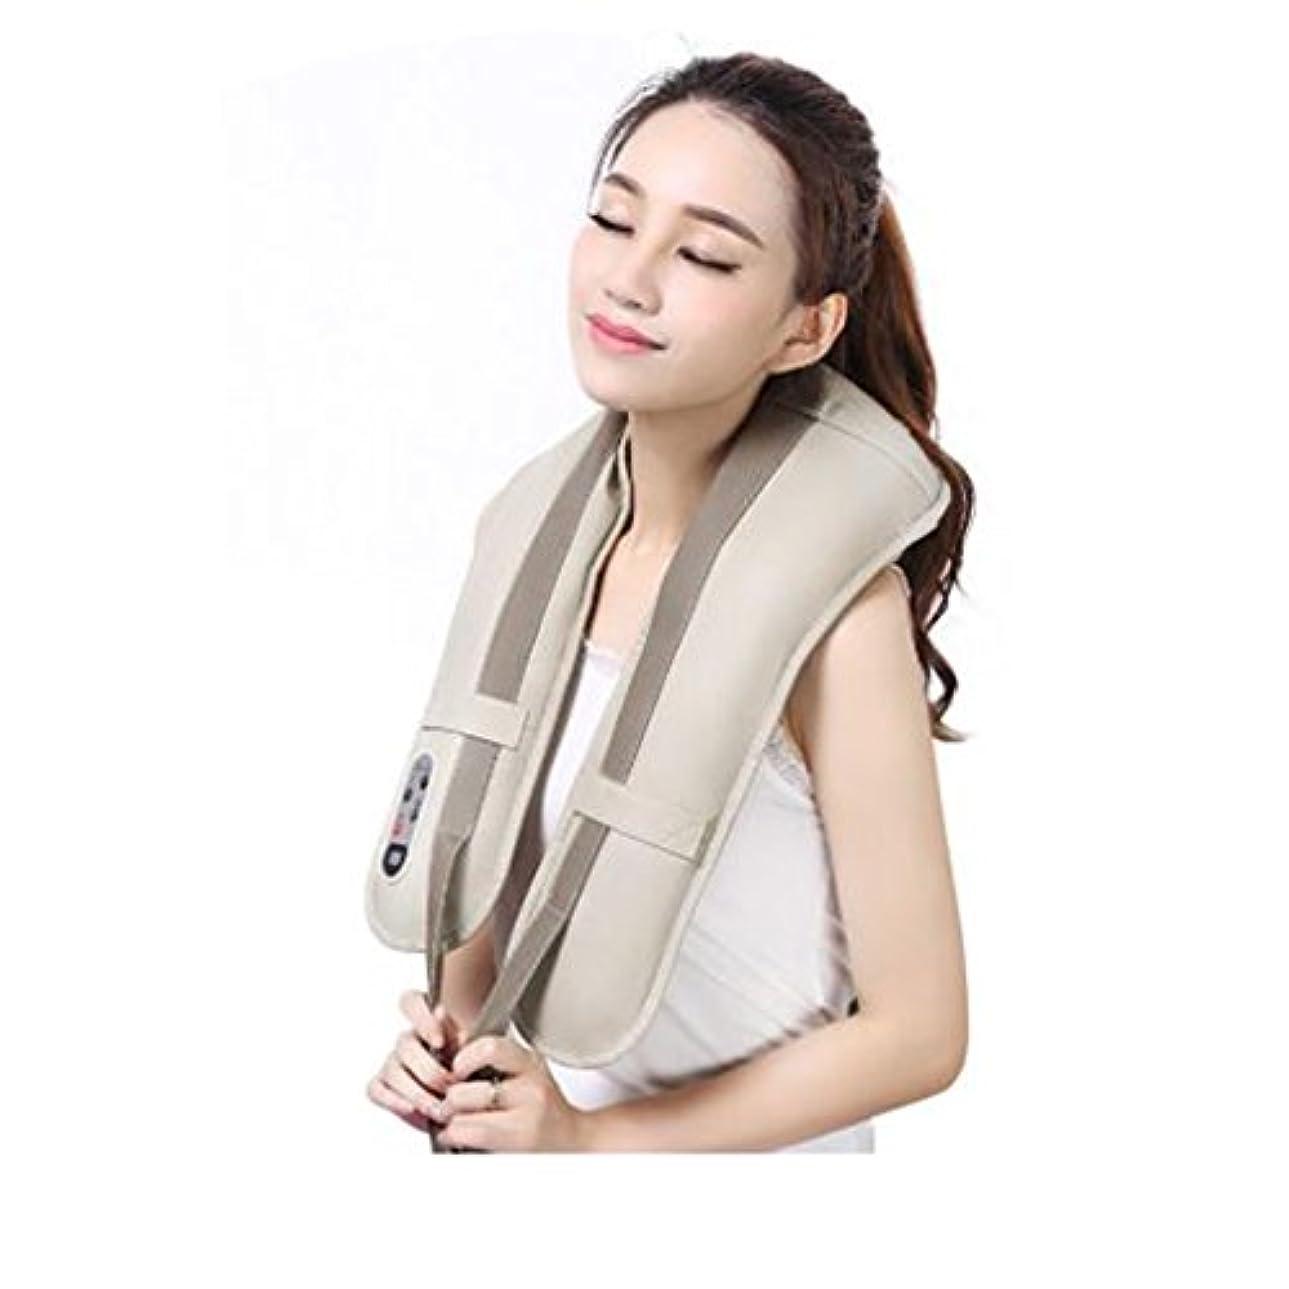 限界手変色するホットネックマッサージャーポータブル電気パーカッション頸部マッサージショールの痛みの首と肩の多機能タップマッサージャー (色 : A)